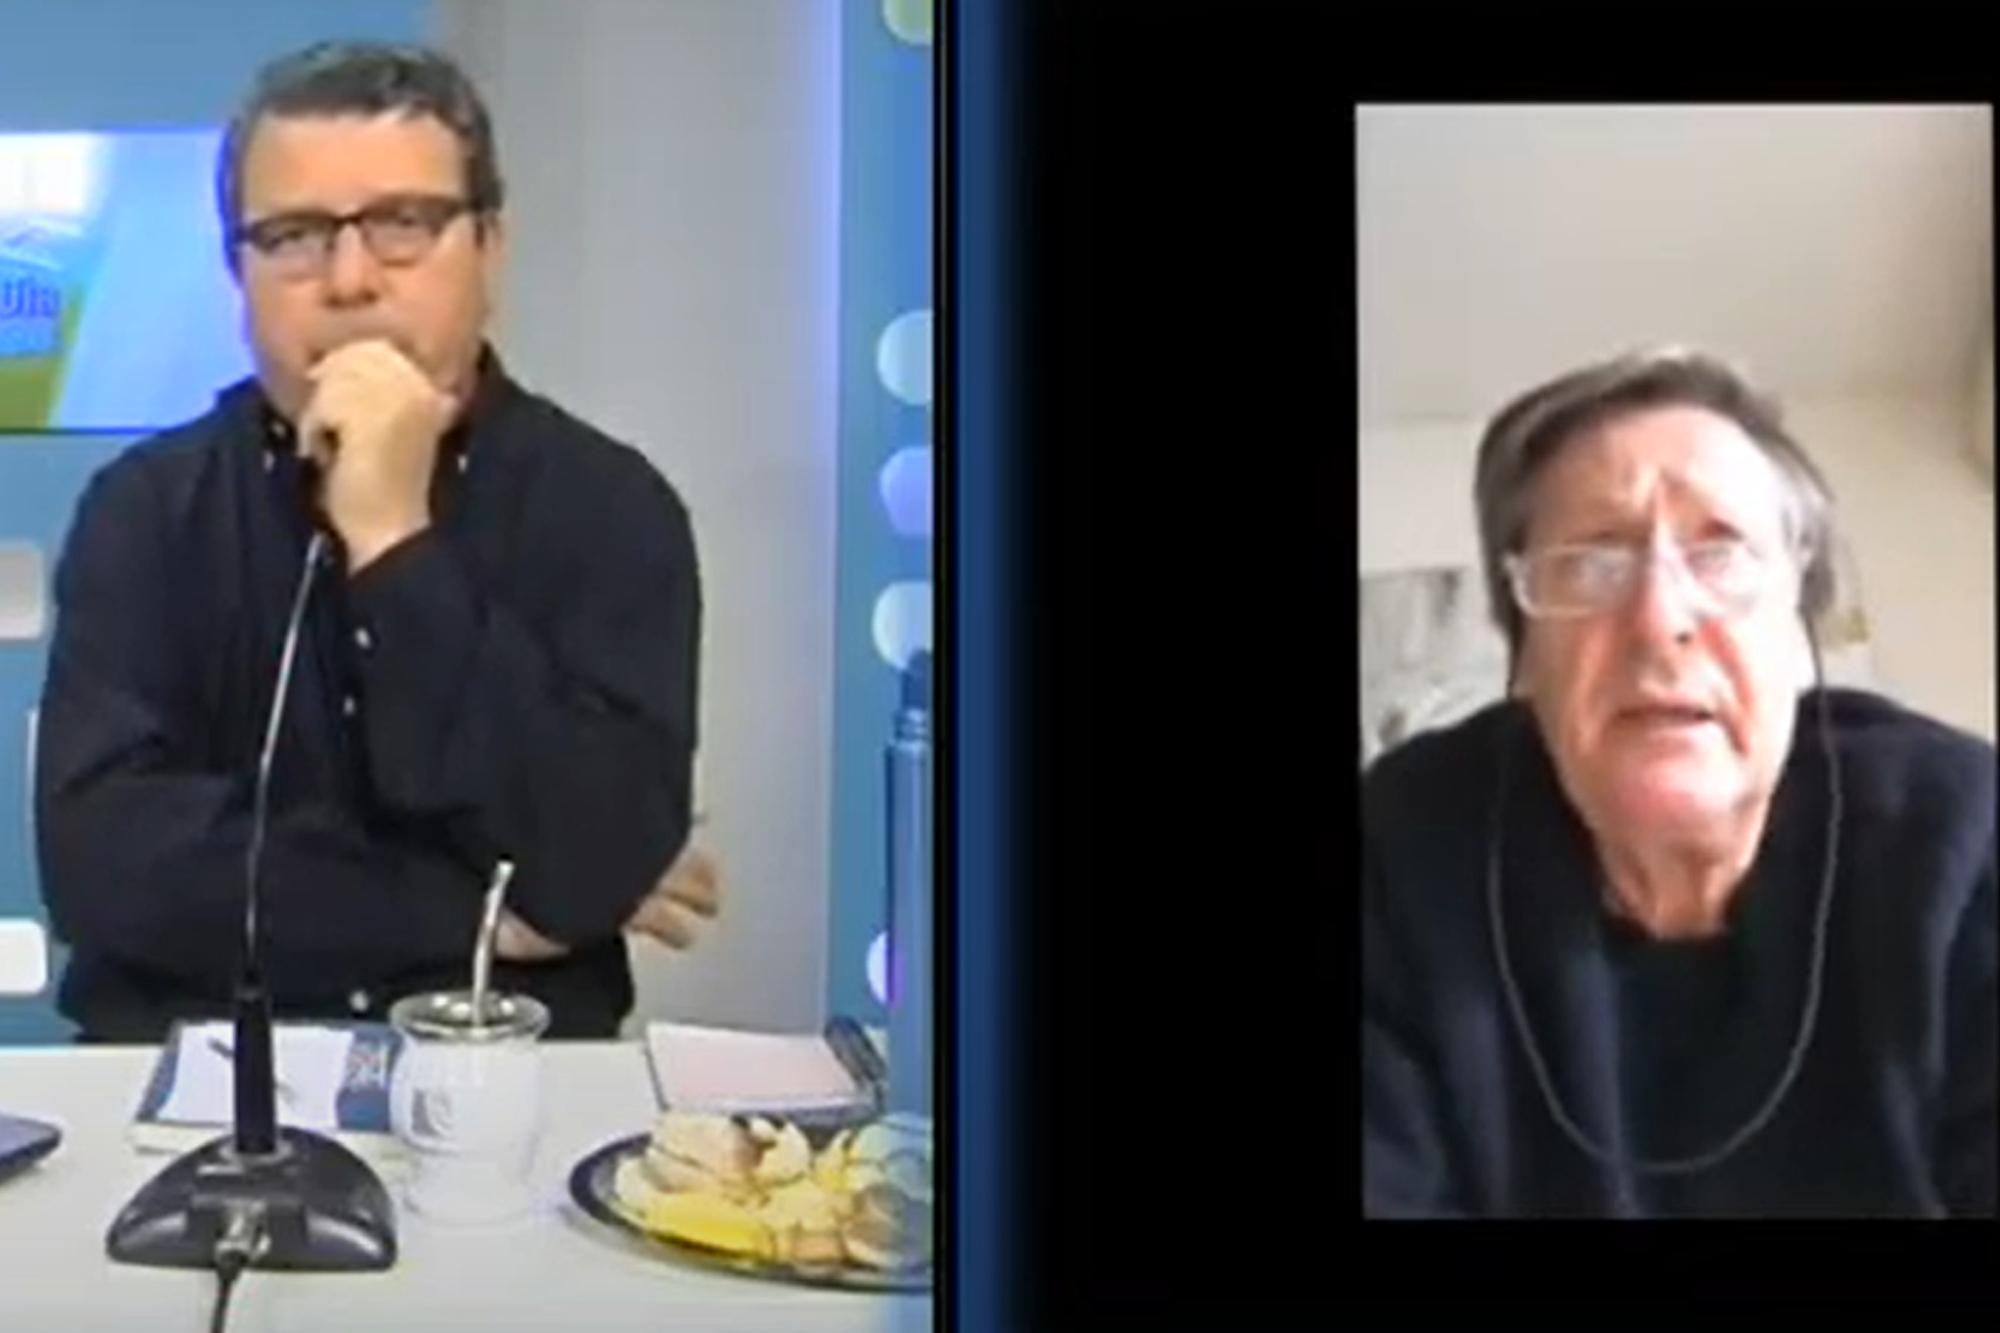 Pablo Torello: el diputado que apareció sin pantalones en una entrevista explicó cómo fue